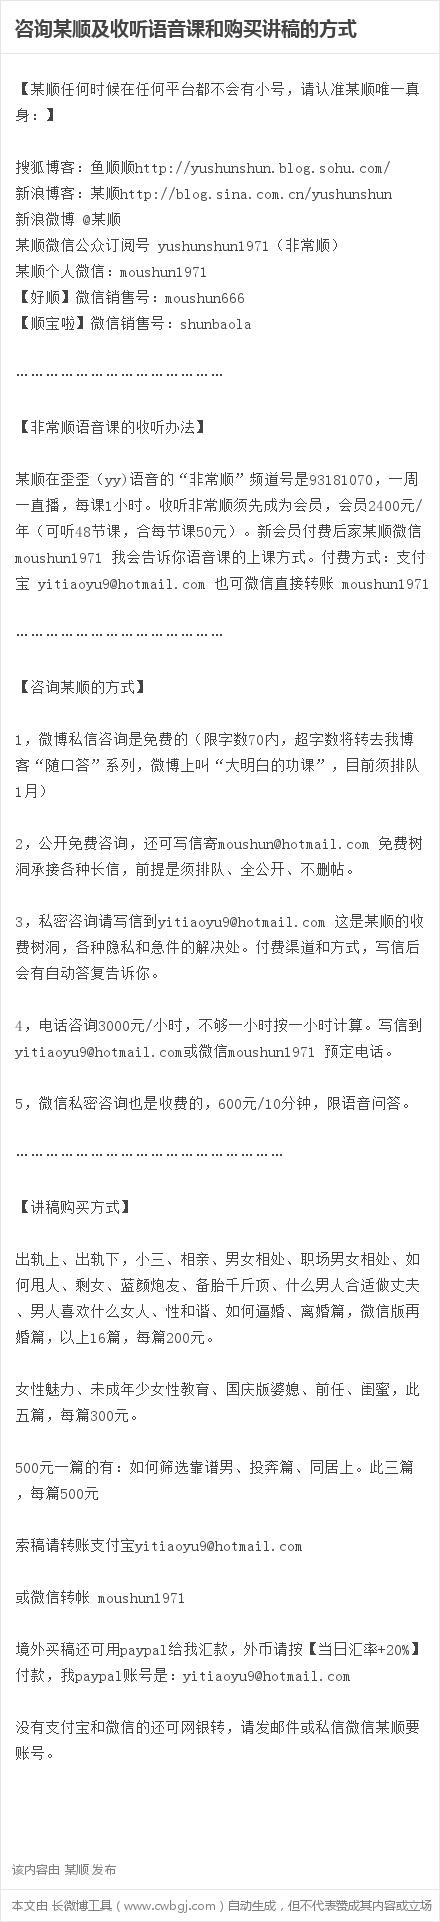 顺口答二二八二 - yushunshun - 鱼顺顺的博客